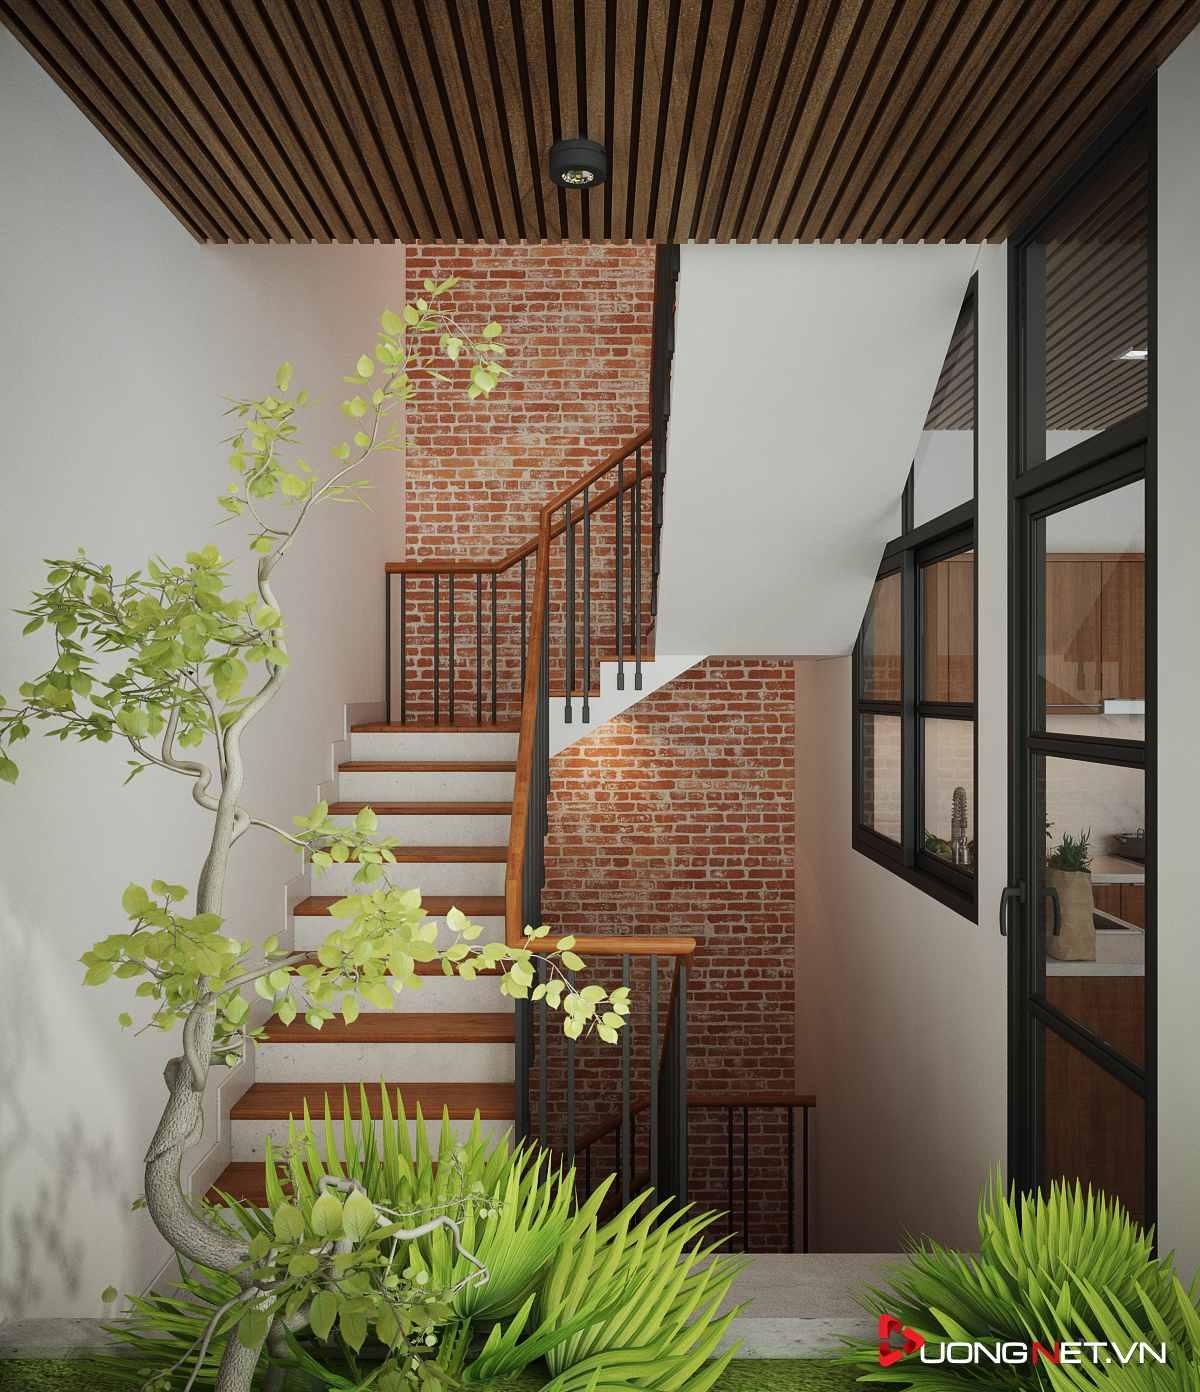 Thiết kế nội thất sáng tạo nhà phố 3 tầng của chị Thúy ở Ninh Kiều - Cần Thơ 3